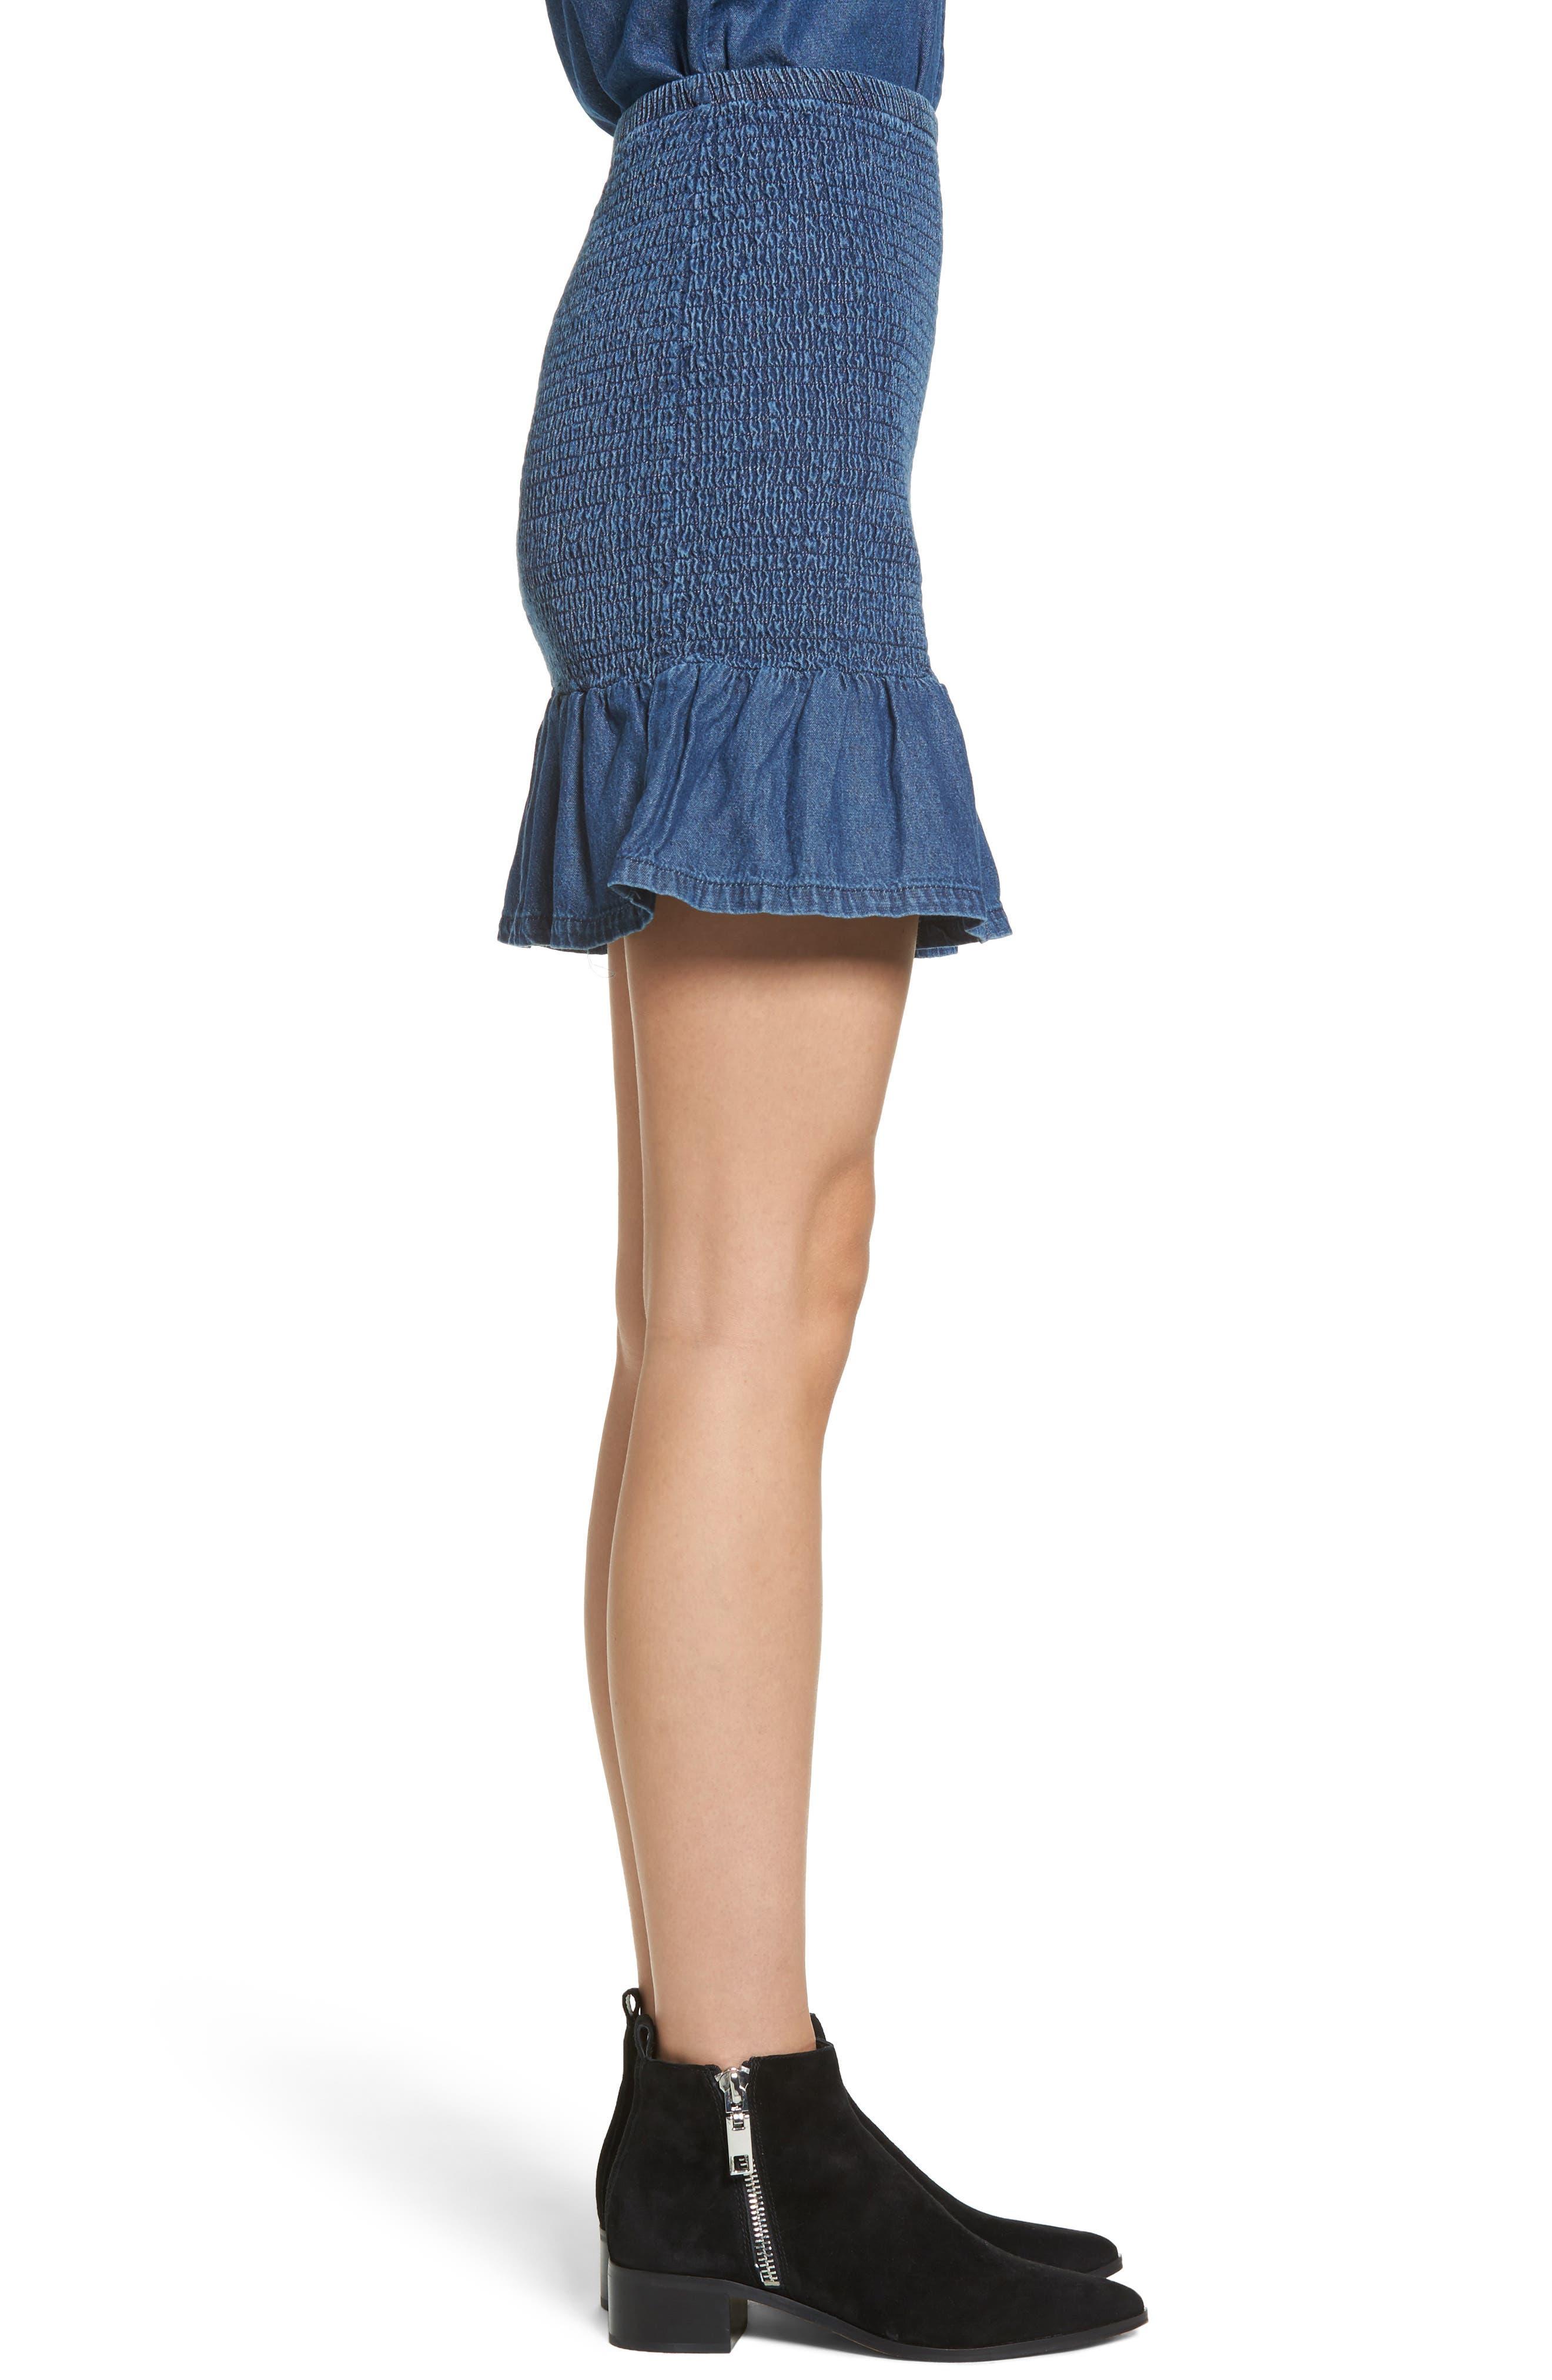 Sentiment Smocked Denim Skirt,                             Alternate thumbnail 4, color,                             Washed Ink